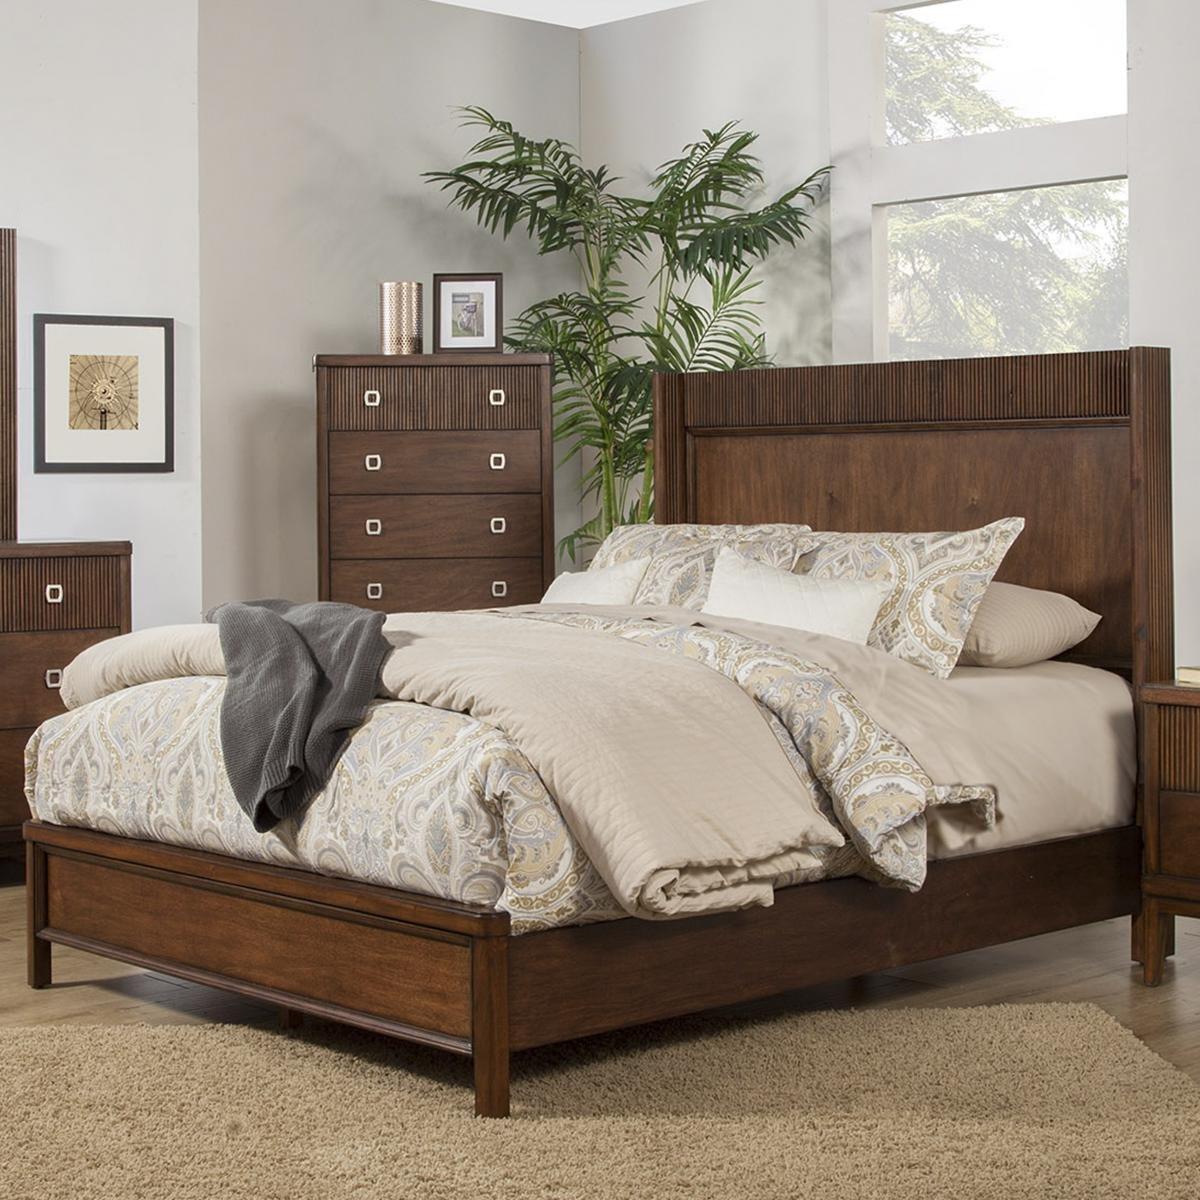 Nebraska Furniture Mart Bedroom Set Elegant Alpine Furniture Rex Queen Bed In Burgundy